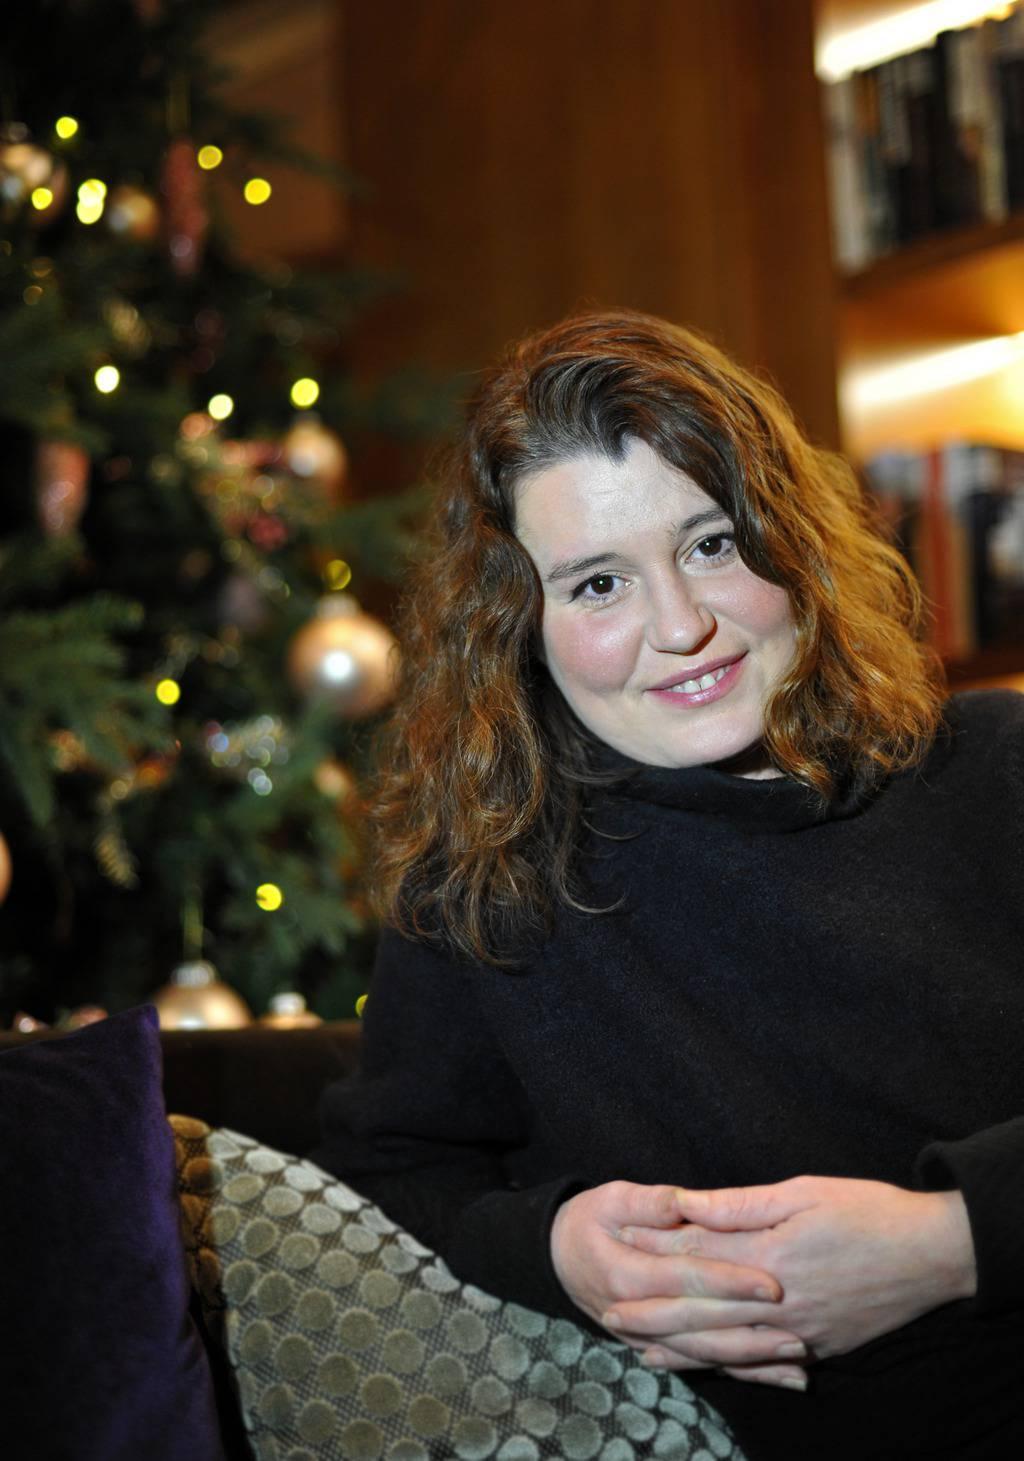 Nina Djurdjevic/PIXSELL